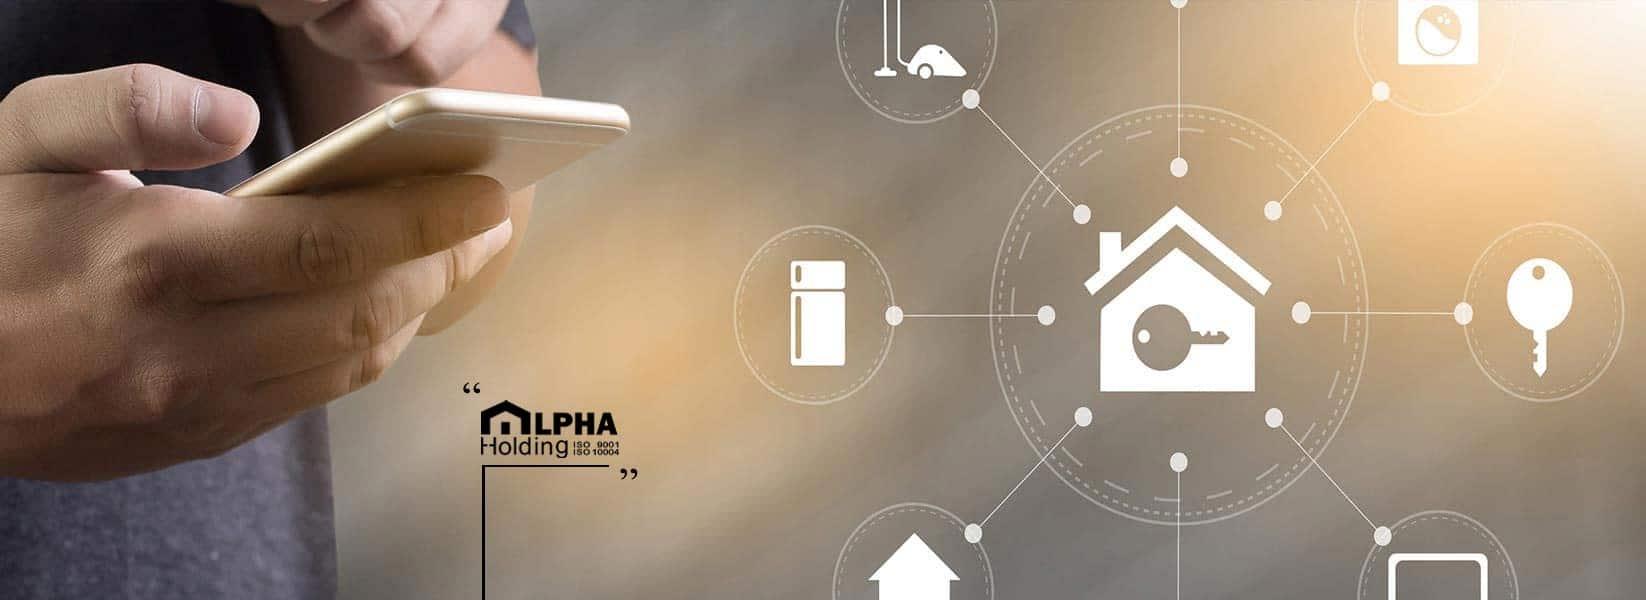 سناریو ها در خانه هوشمند چه کاربردی دارند؟